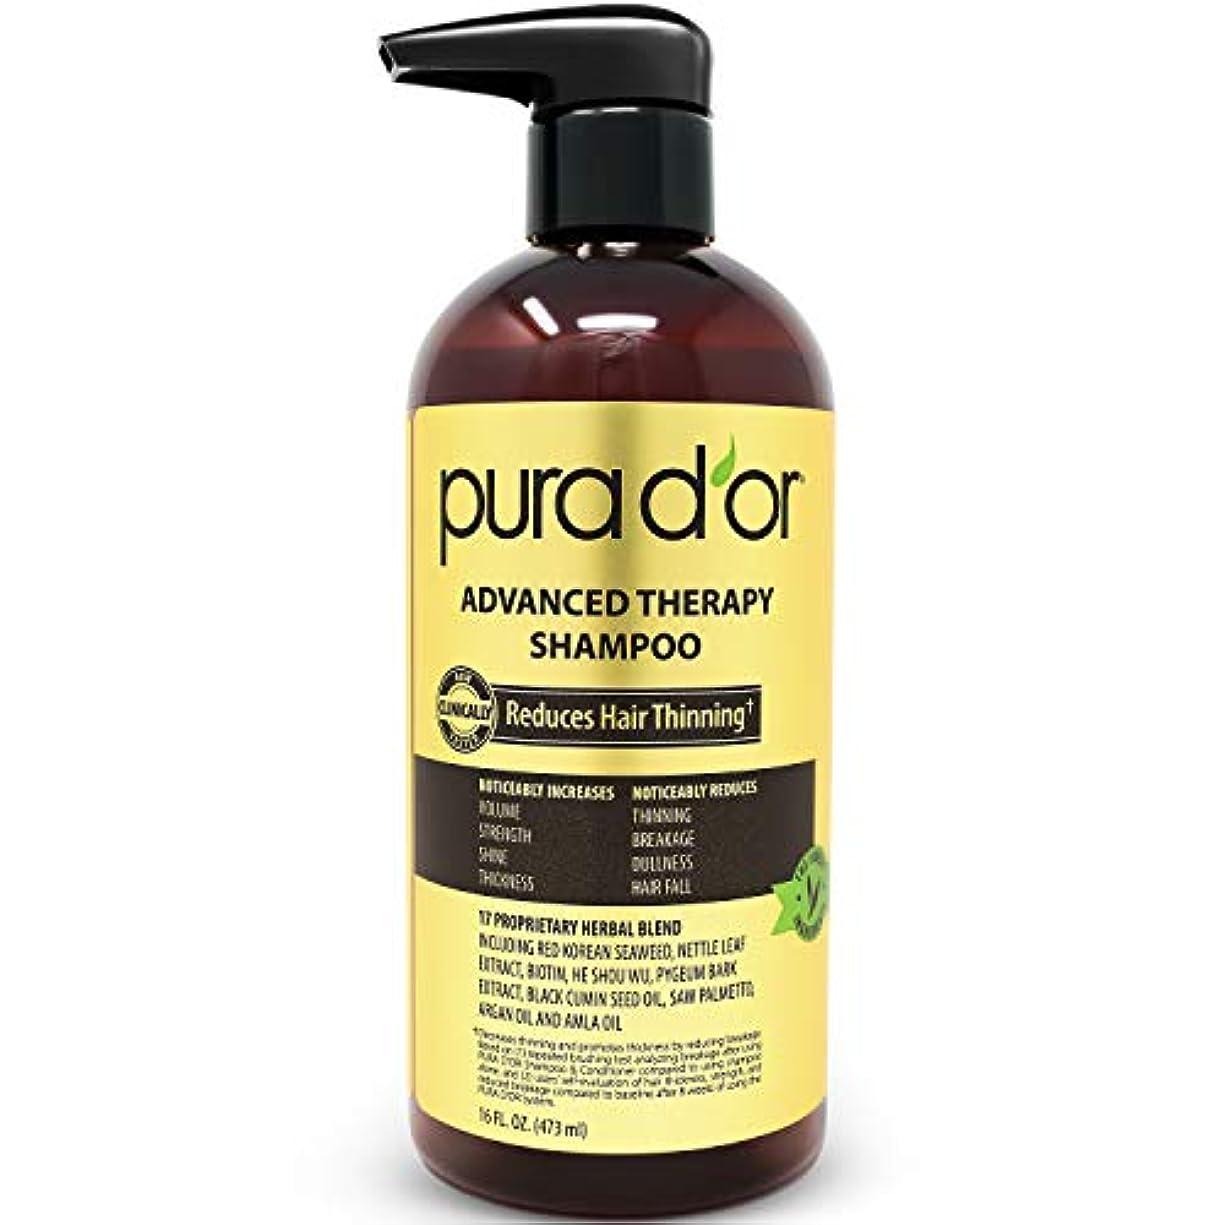 ライン瞑想する重荷PURA D'OR 高度セラピーシャンプー 薄毛を改善し、髪にボリュームを、硫酸塩フリー、アルガンオイル&アロエベラ&ビオチン配合、すべてのヘアタイプに、男性&女性、473ml(16液量オンス) 473ml(16 液量オンス)